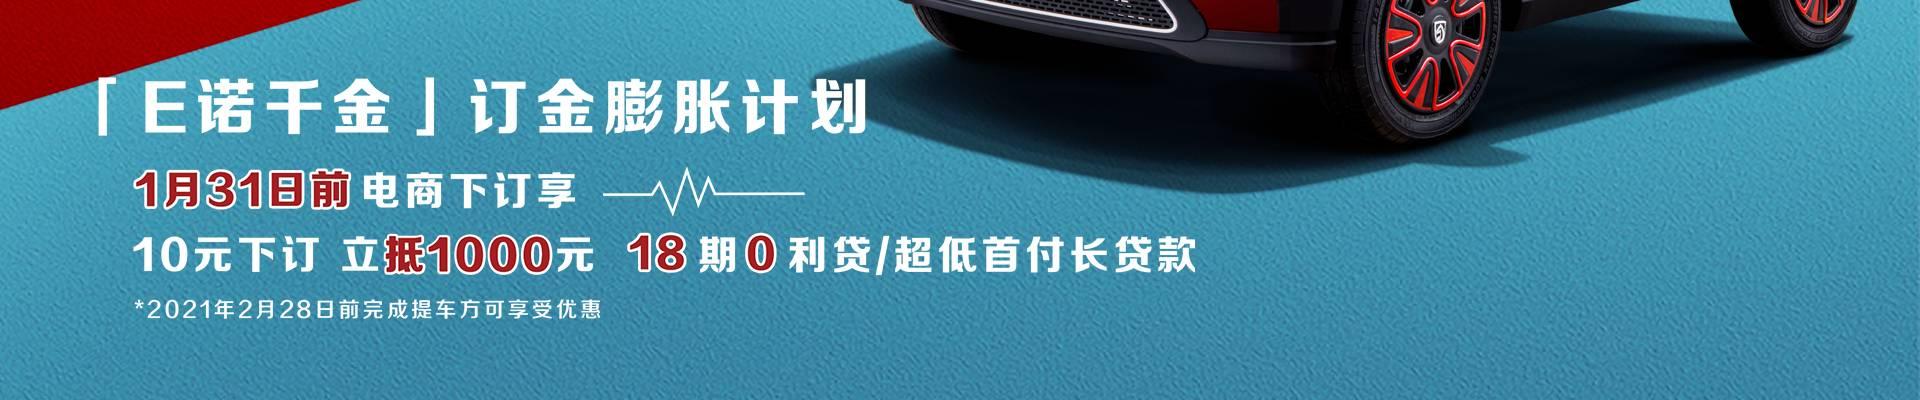 寶駿E100,電(dian)動汽車,新能源車,價格